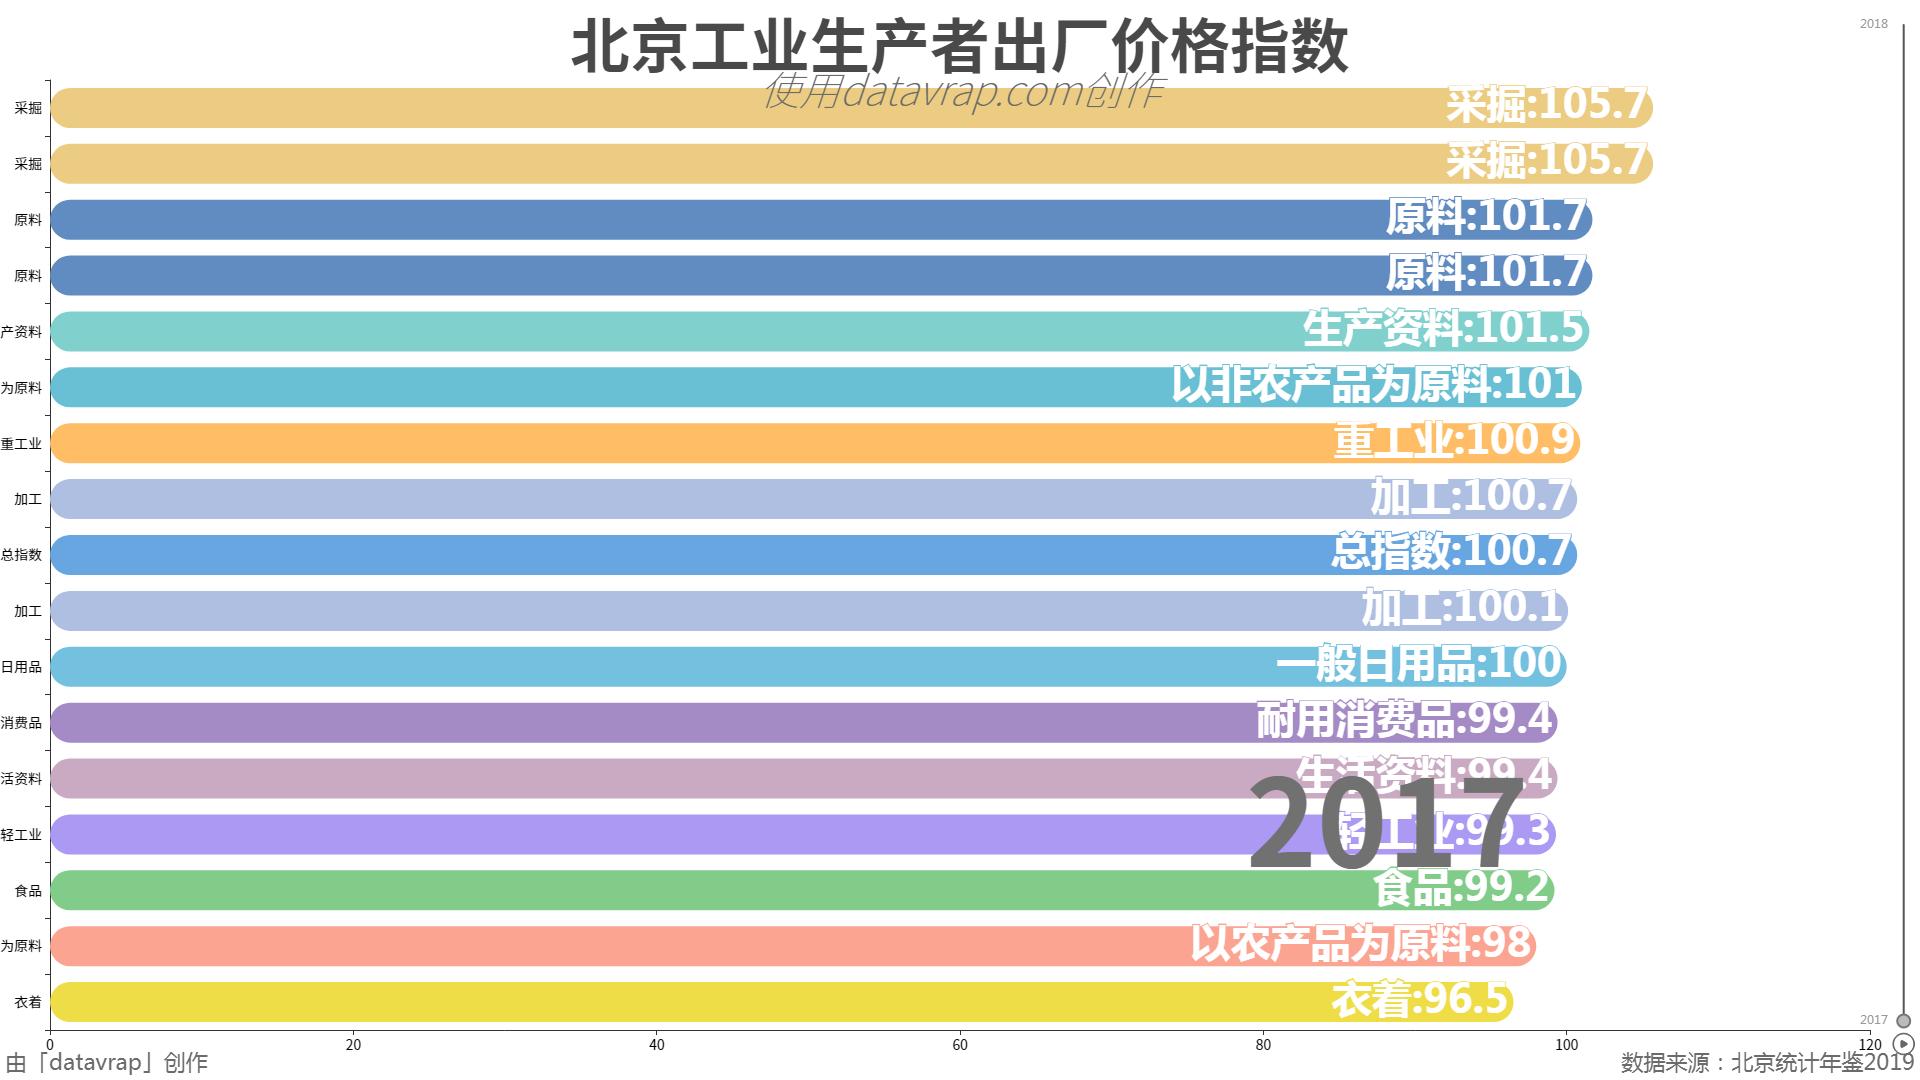 北京工业生产者出厂价格指数